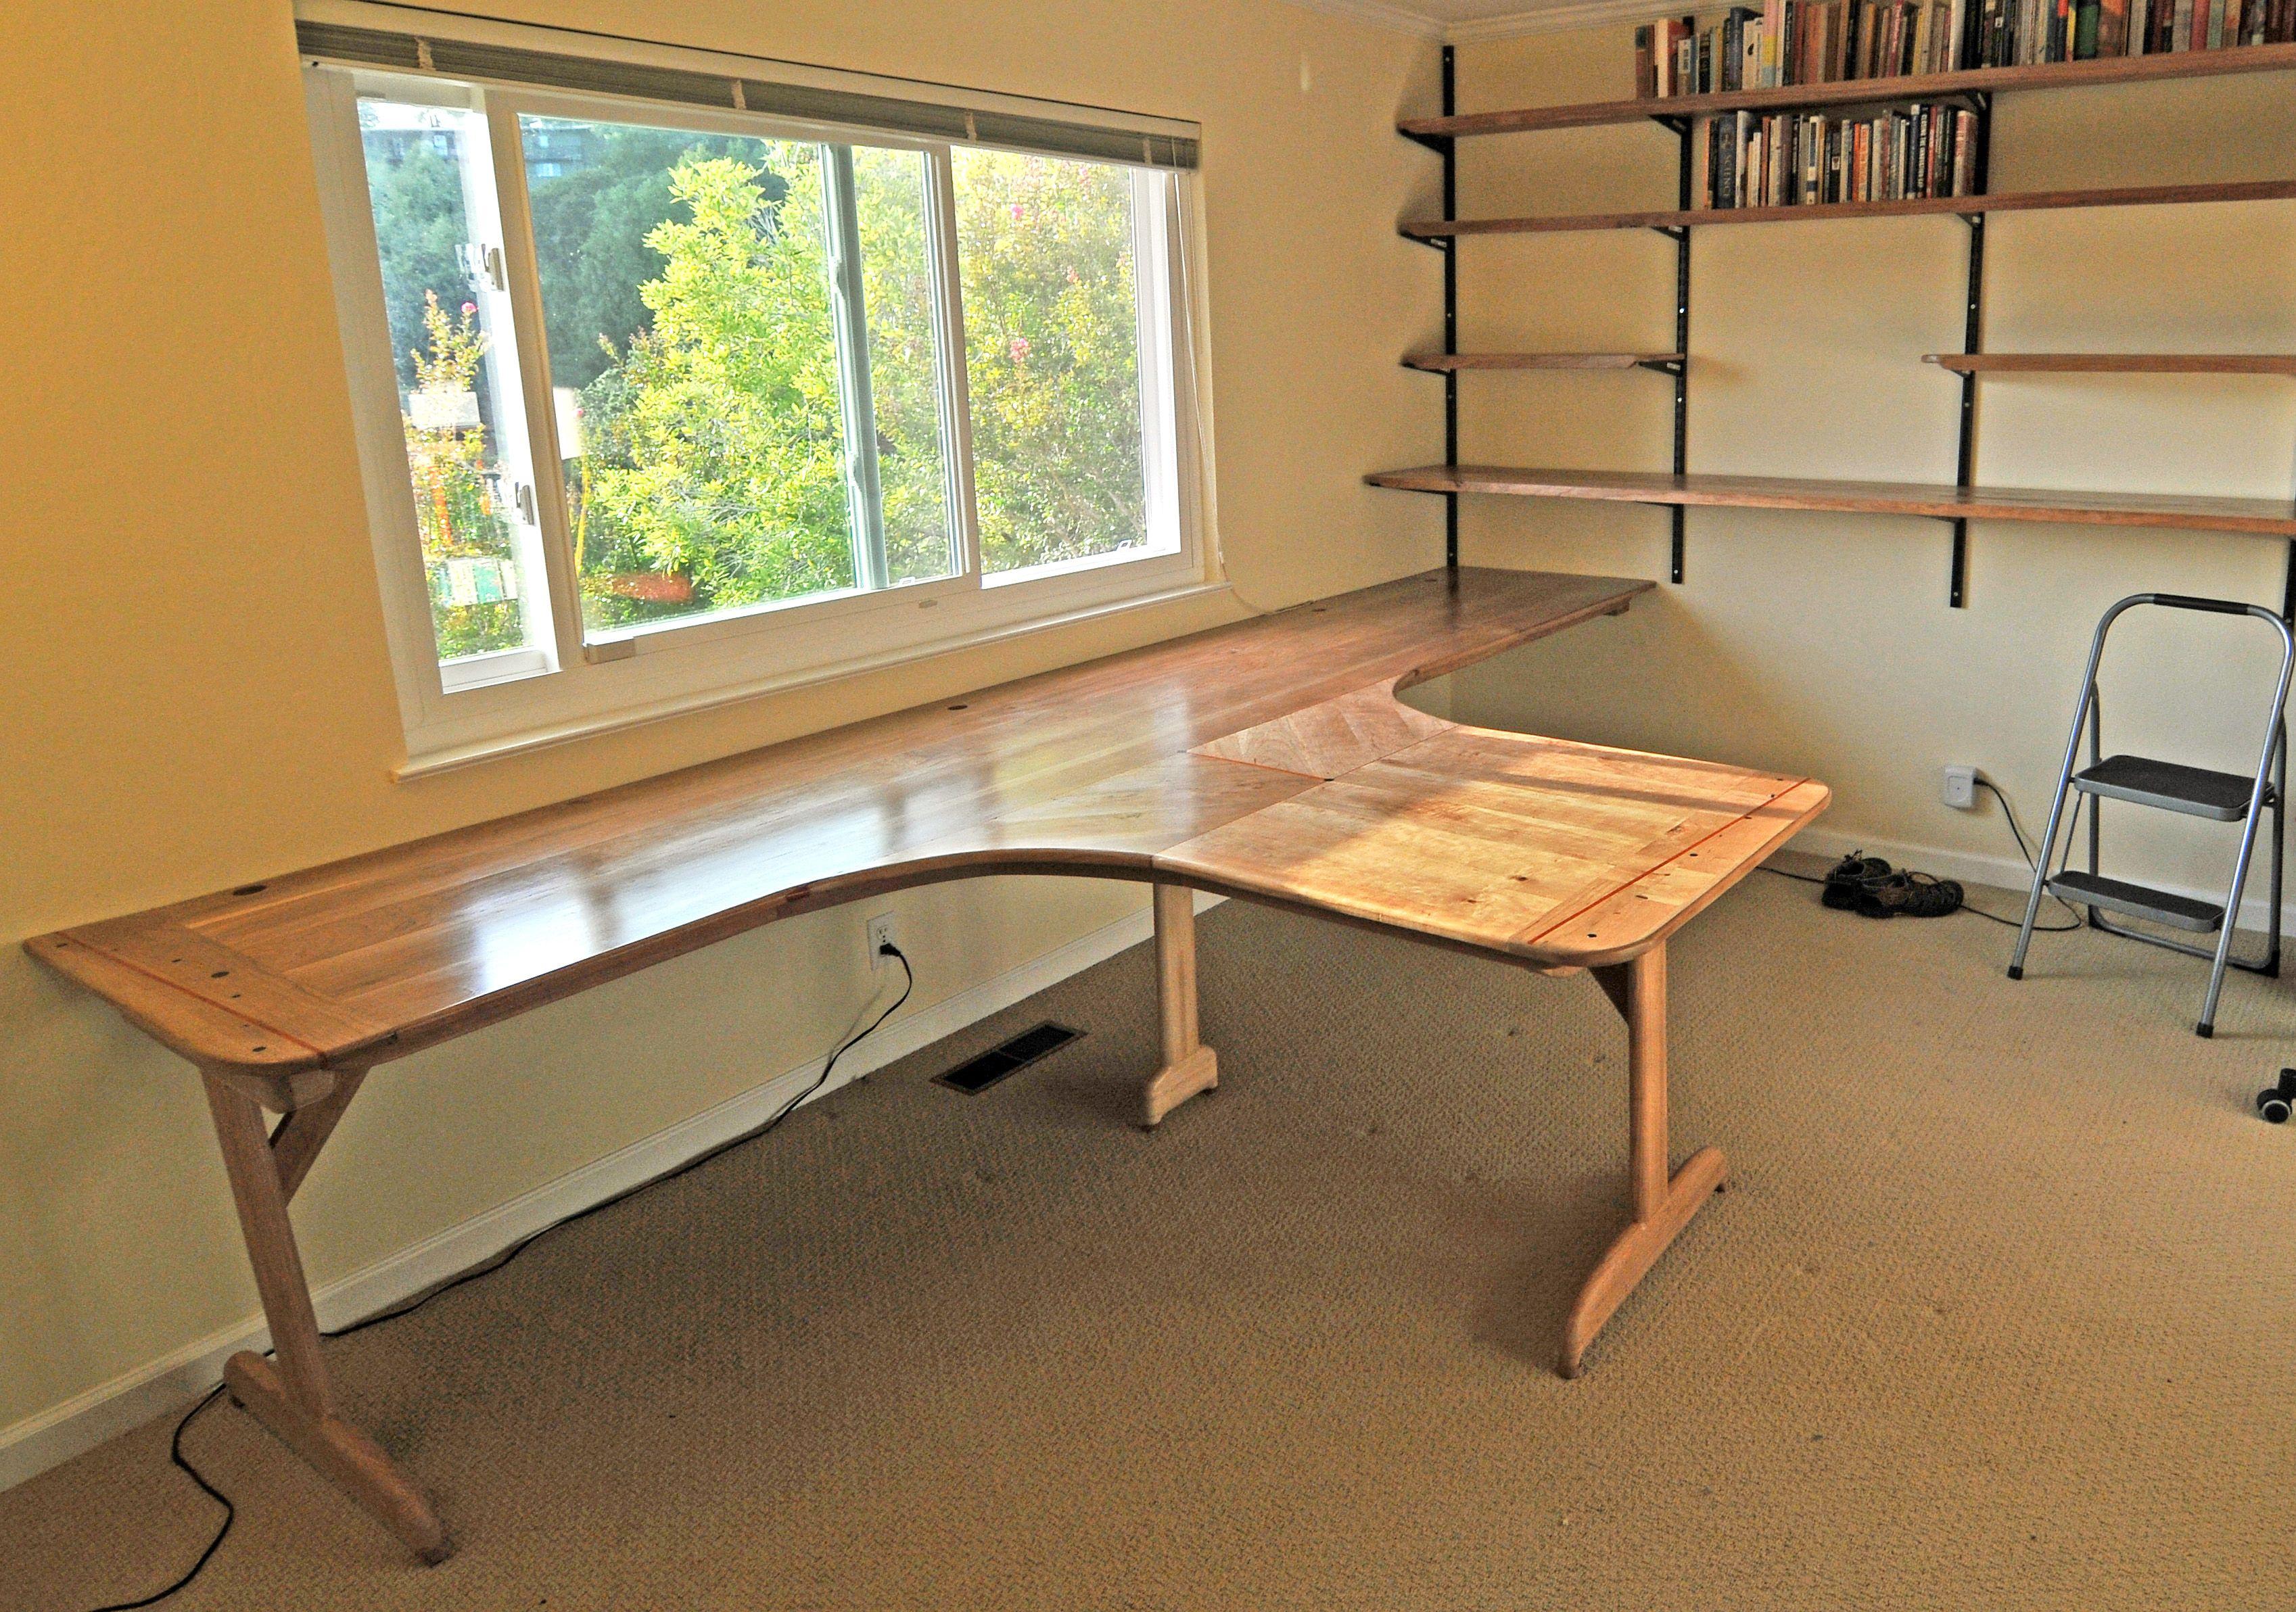 computer desks desks and computers on pinterest belvedere eco office desk eco furniture